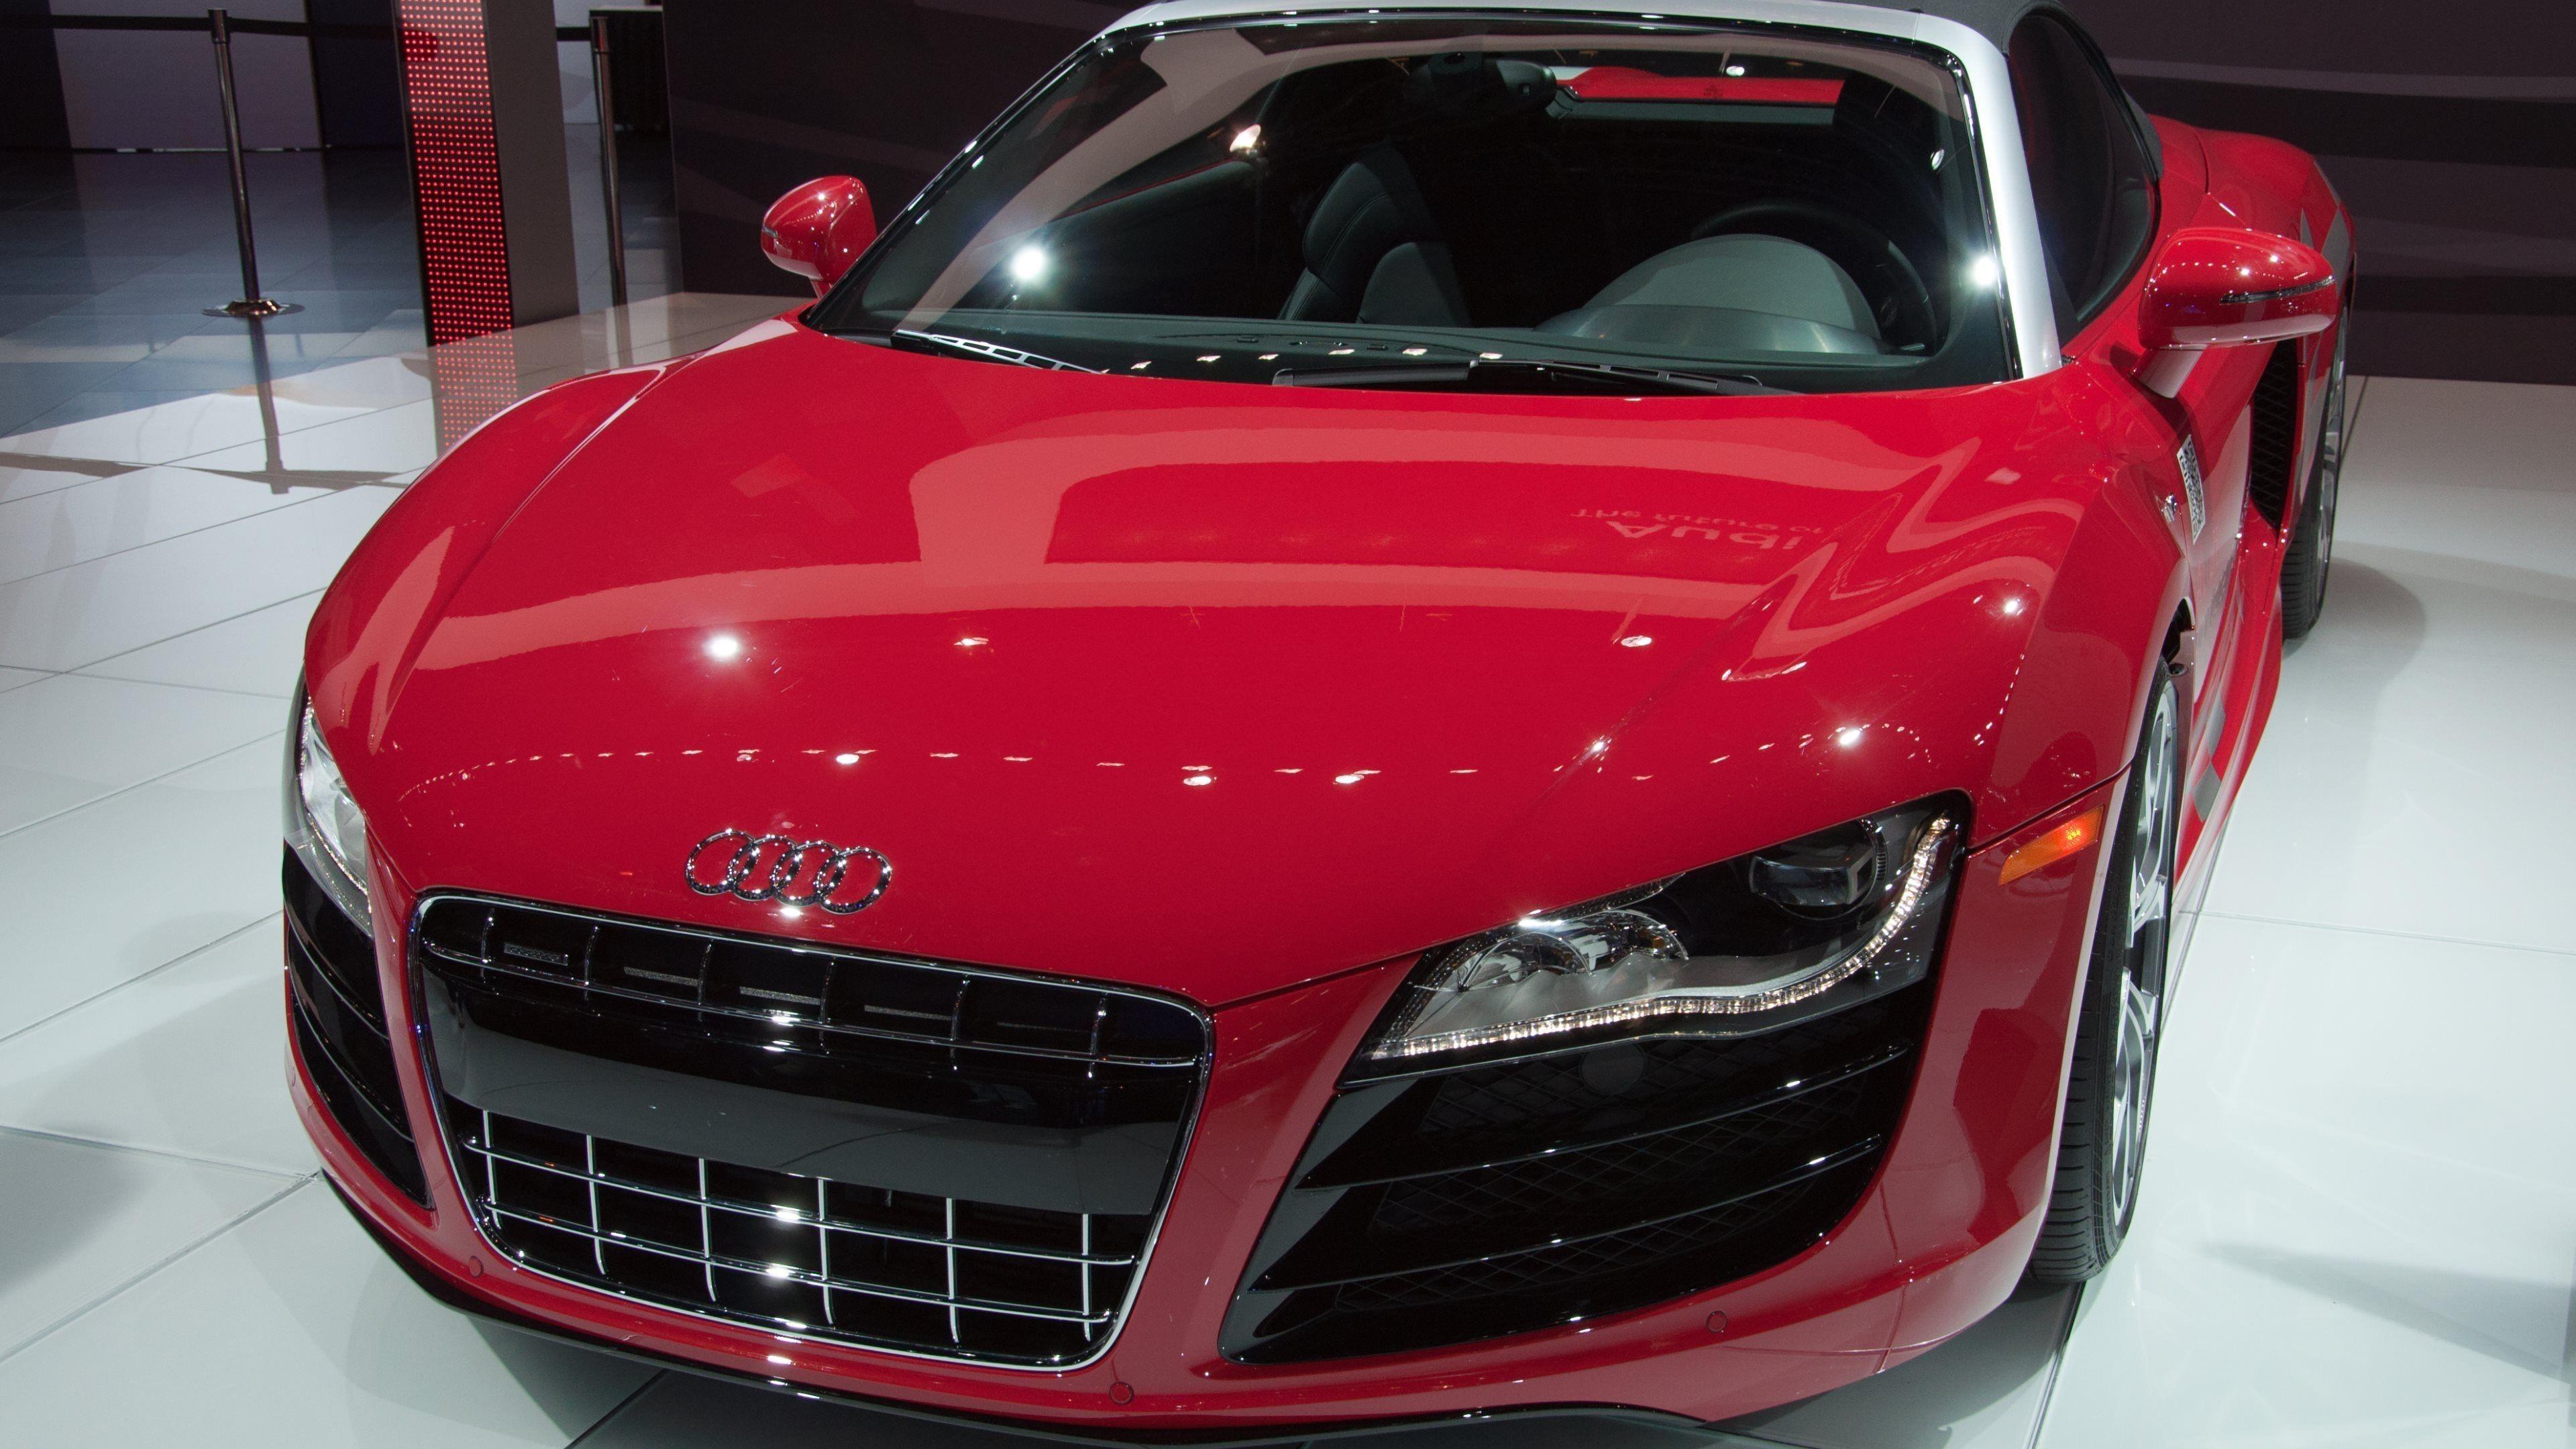 Audi R8 Front Photos